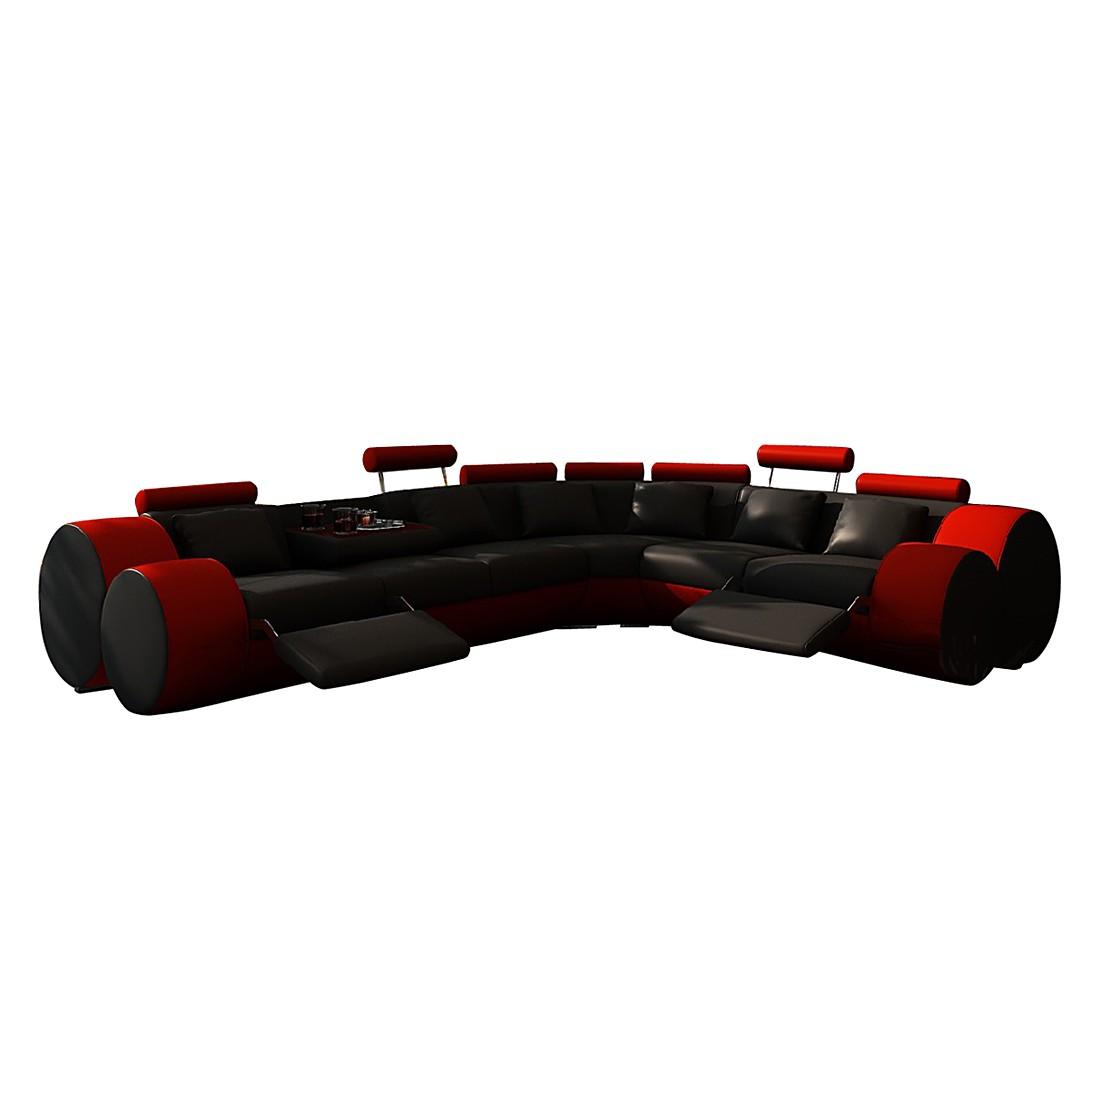 Ecksofa Madrid – Kunstleder, L-Form, Schwarz/Rot – Ausführung: langer Schenkel links, home24 jetzt bestellen